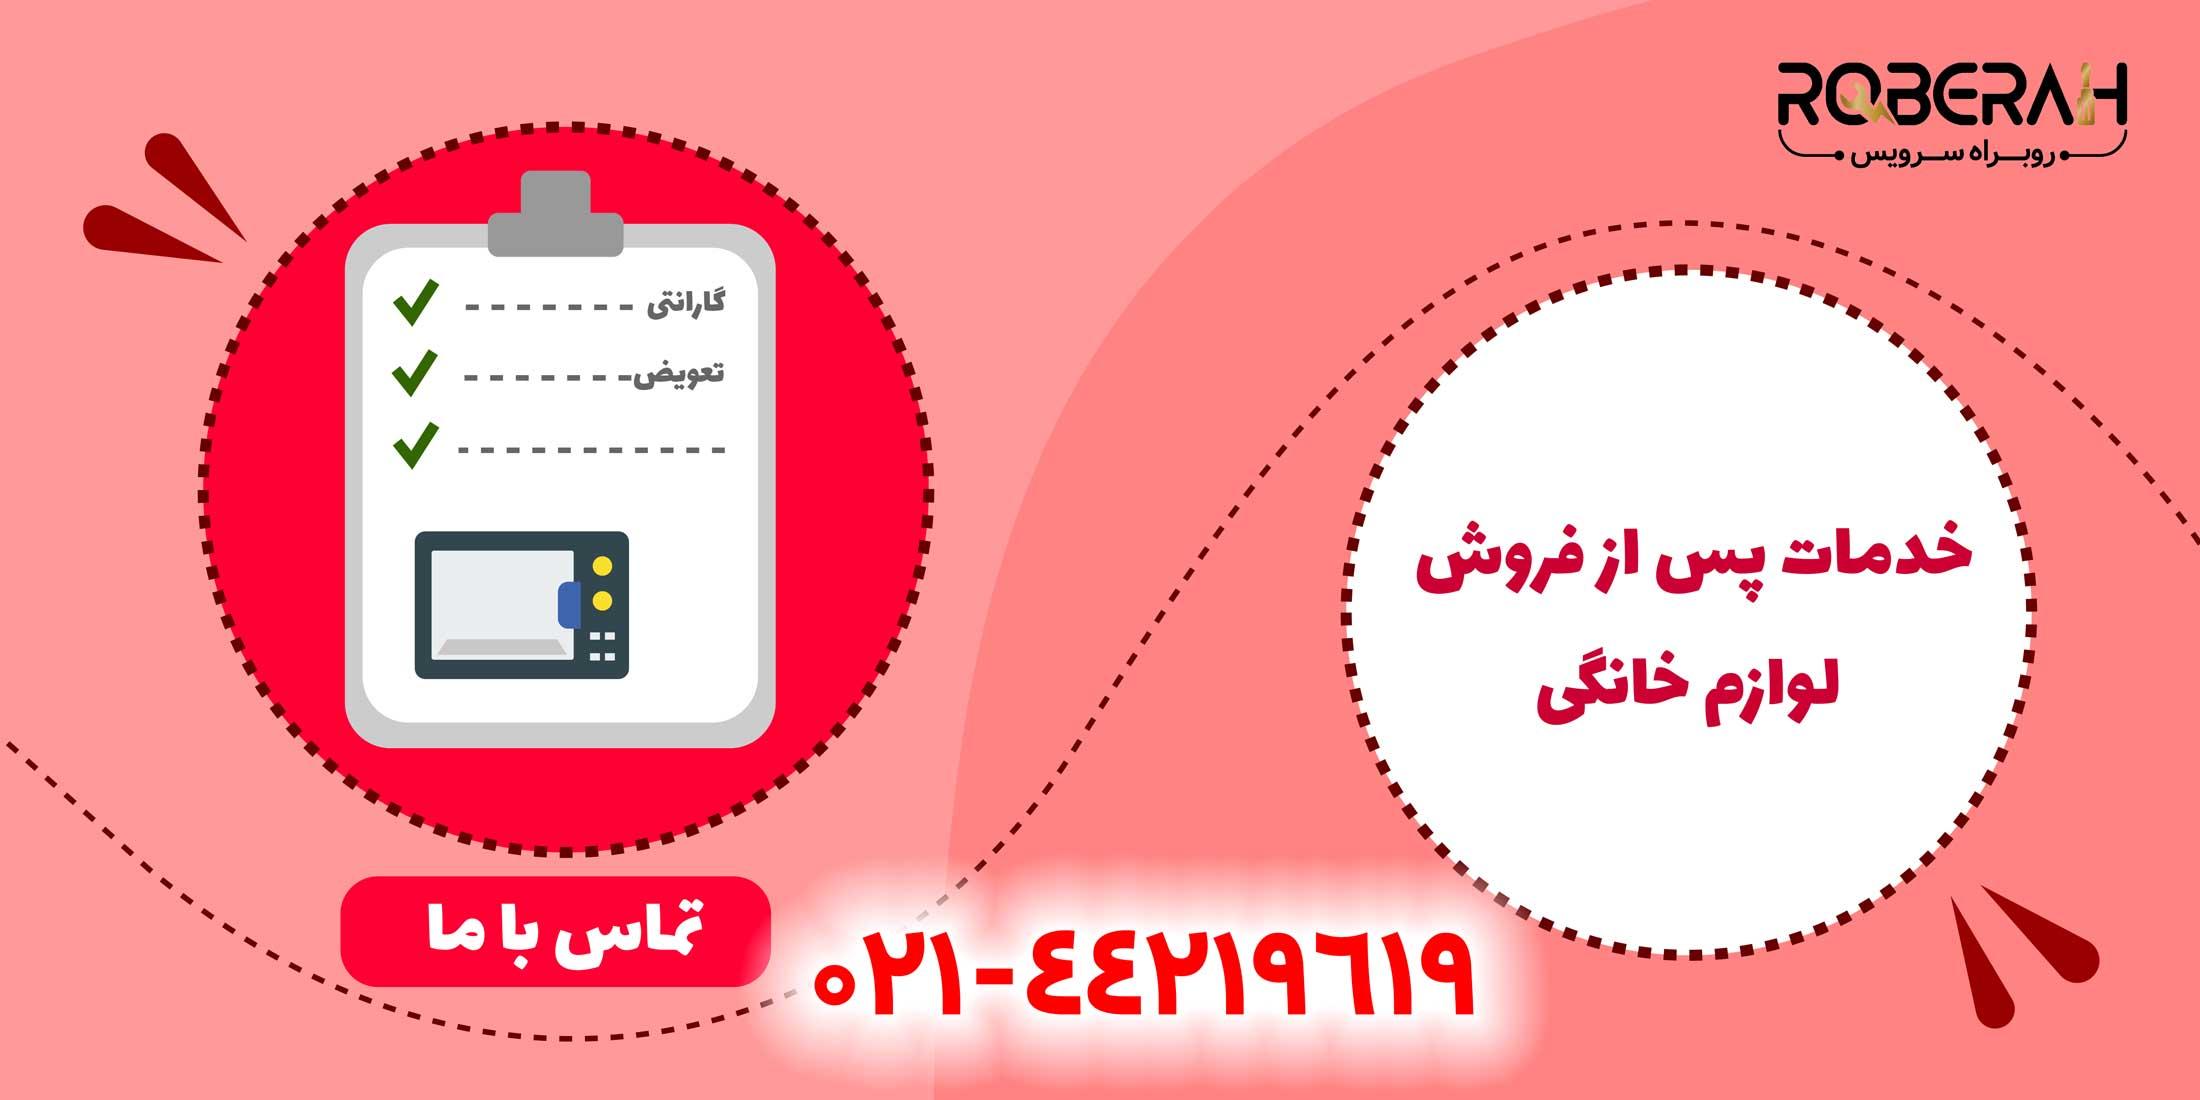 شماره تلفن های روبراه سرویس 02144219619